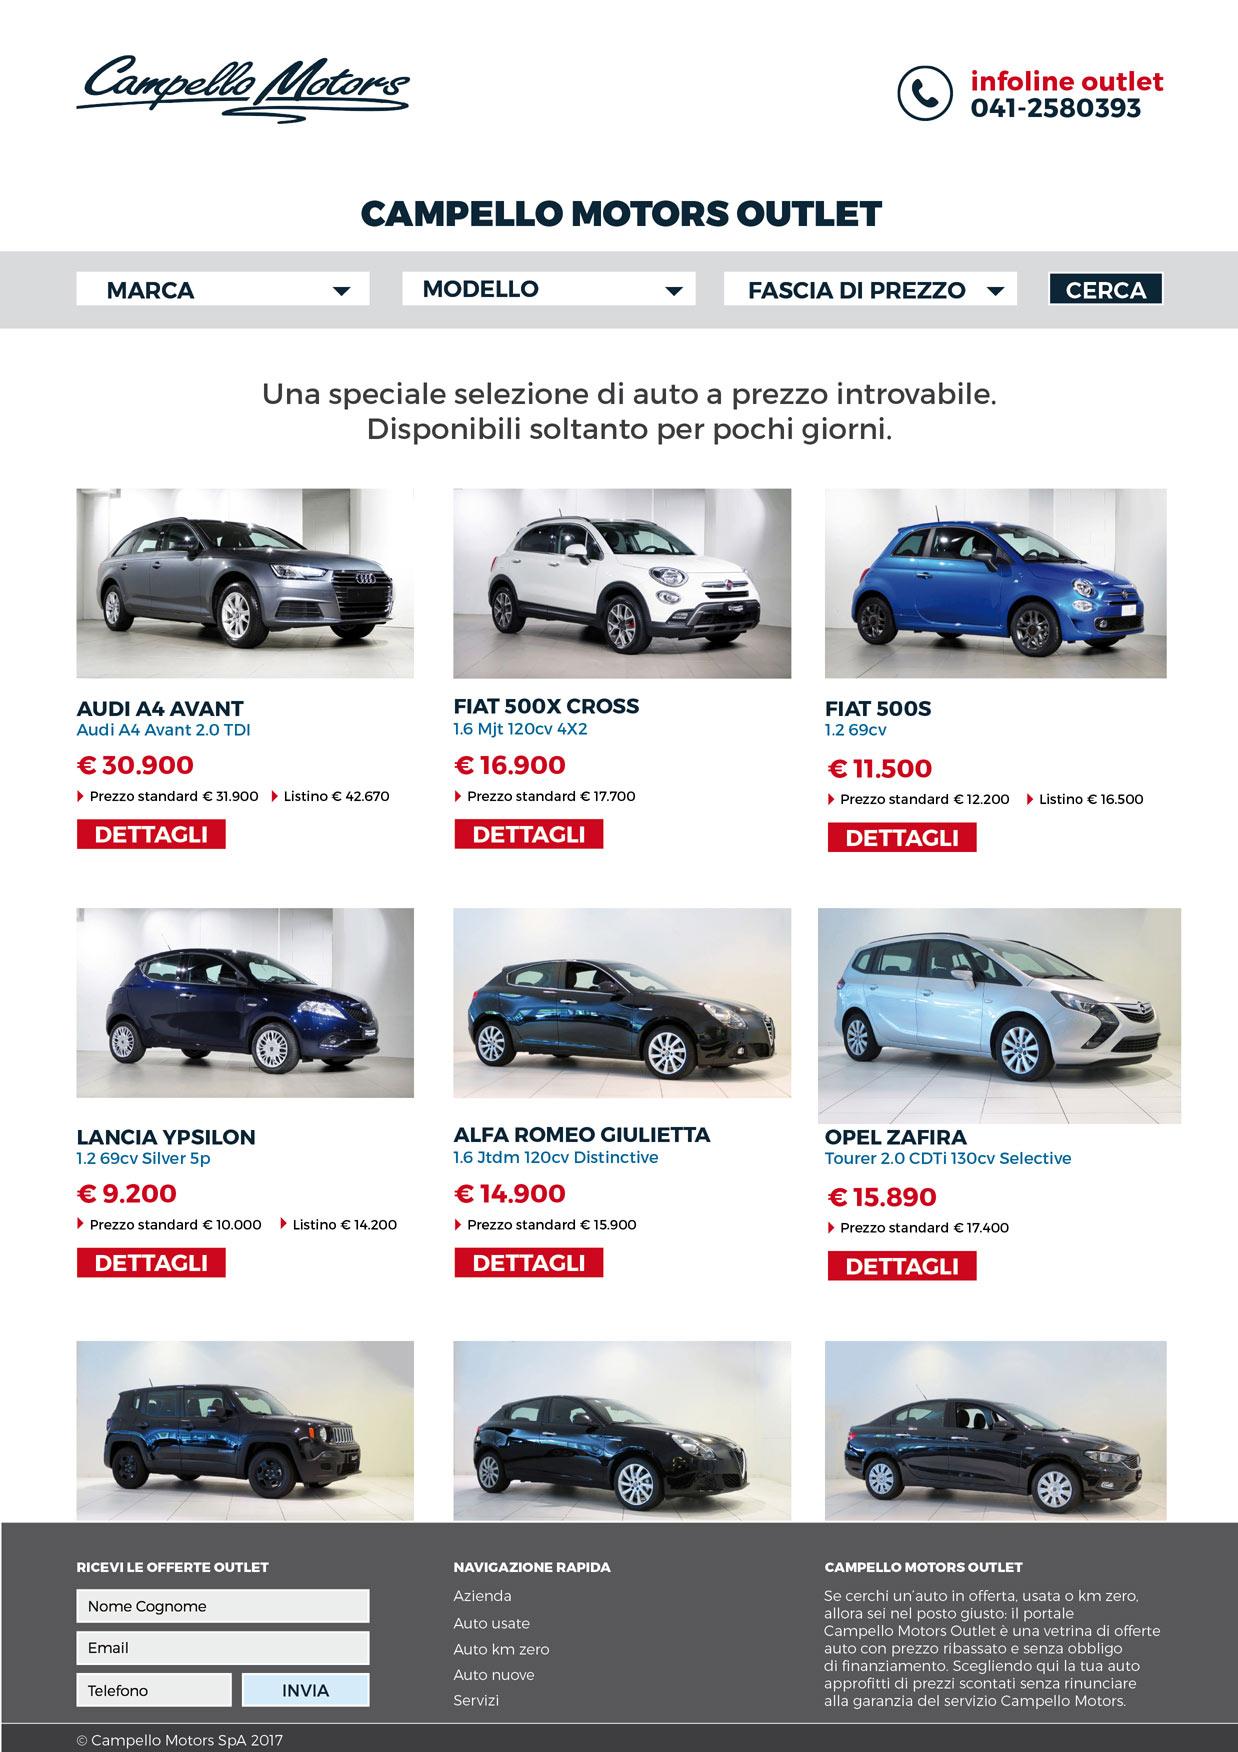 Campello Motors Outlet, il nuovo portale